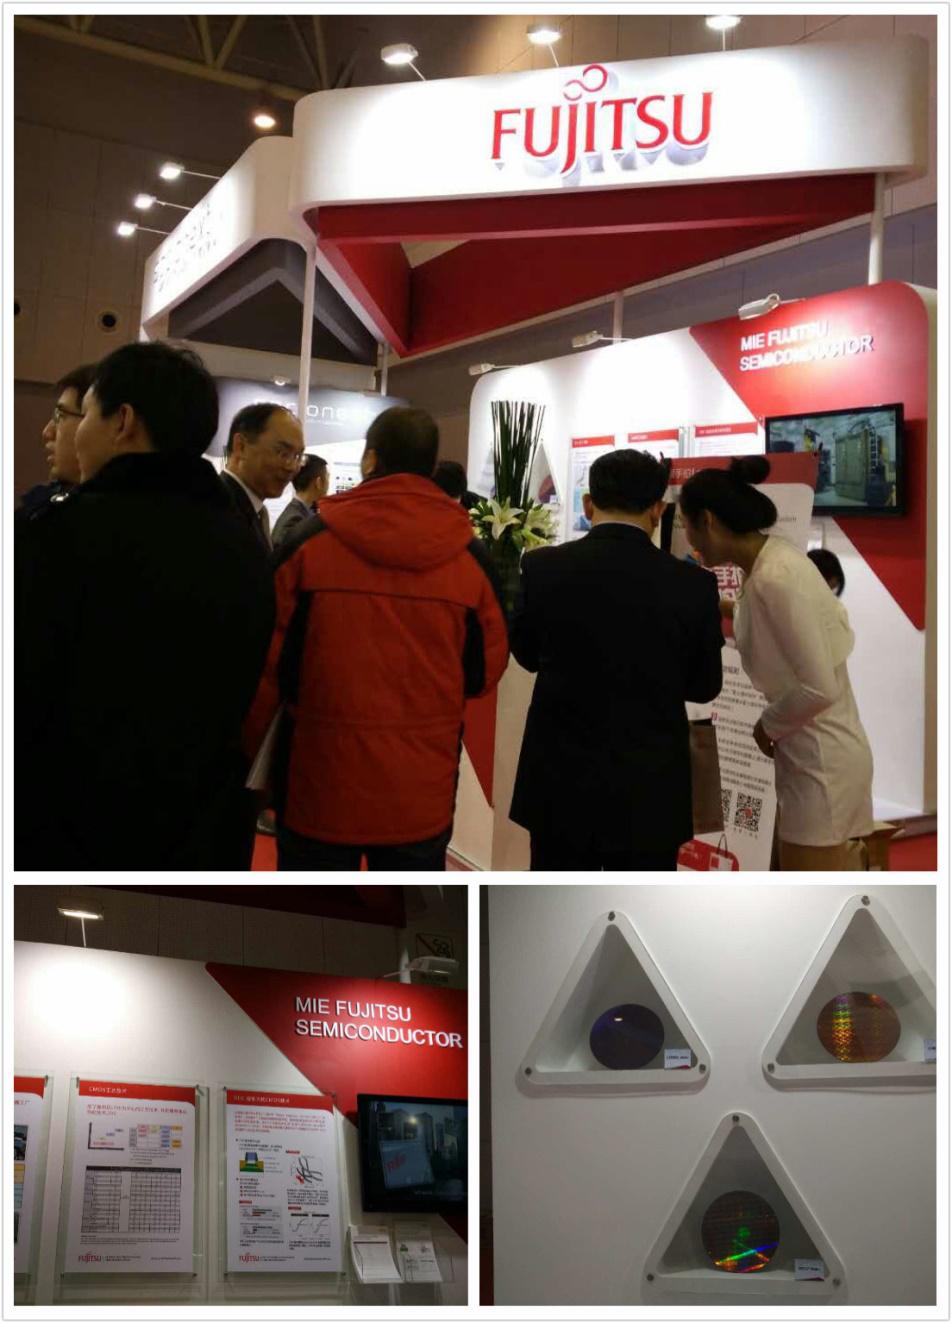 超低功耗DDC工艺技术帮助中国IC设计业撬动IoT巨大商机